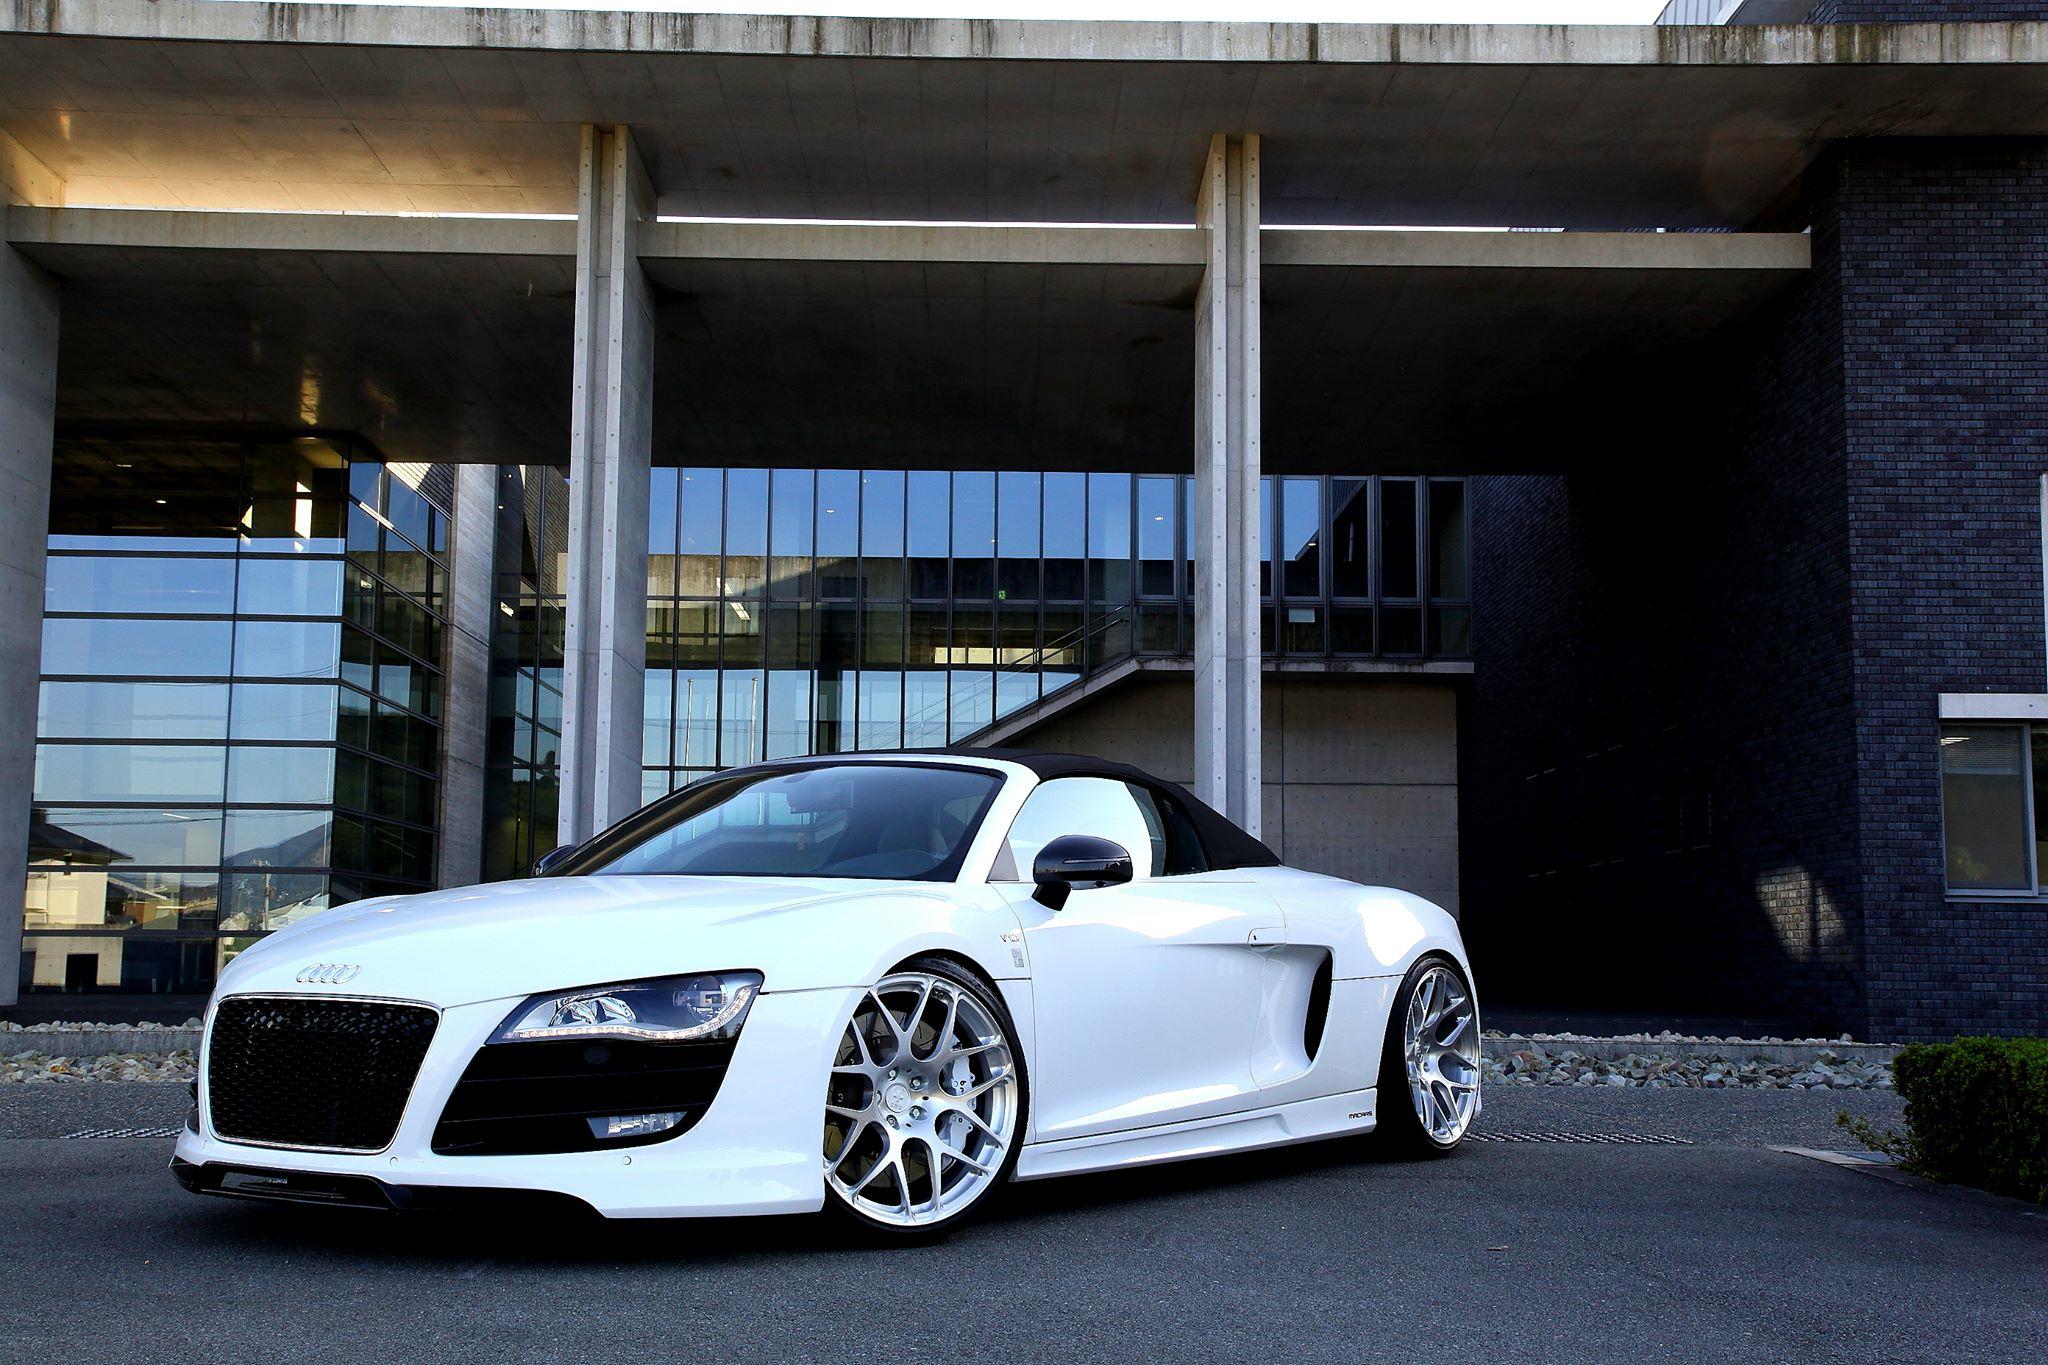 Audi R8/V10 Spider